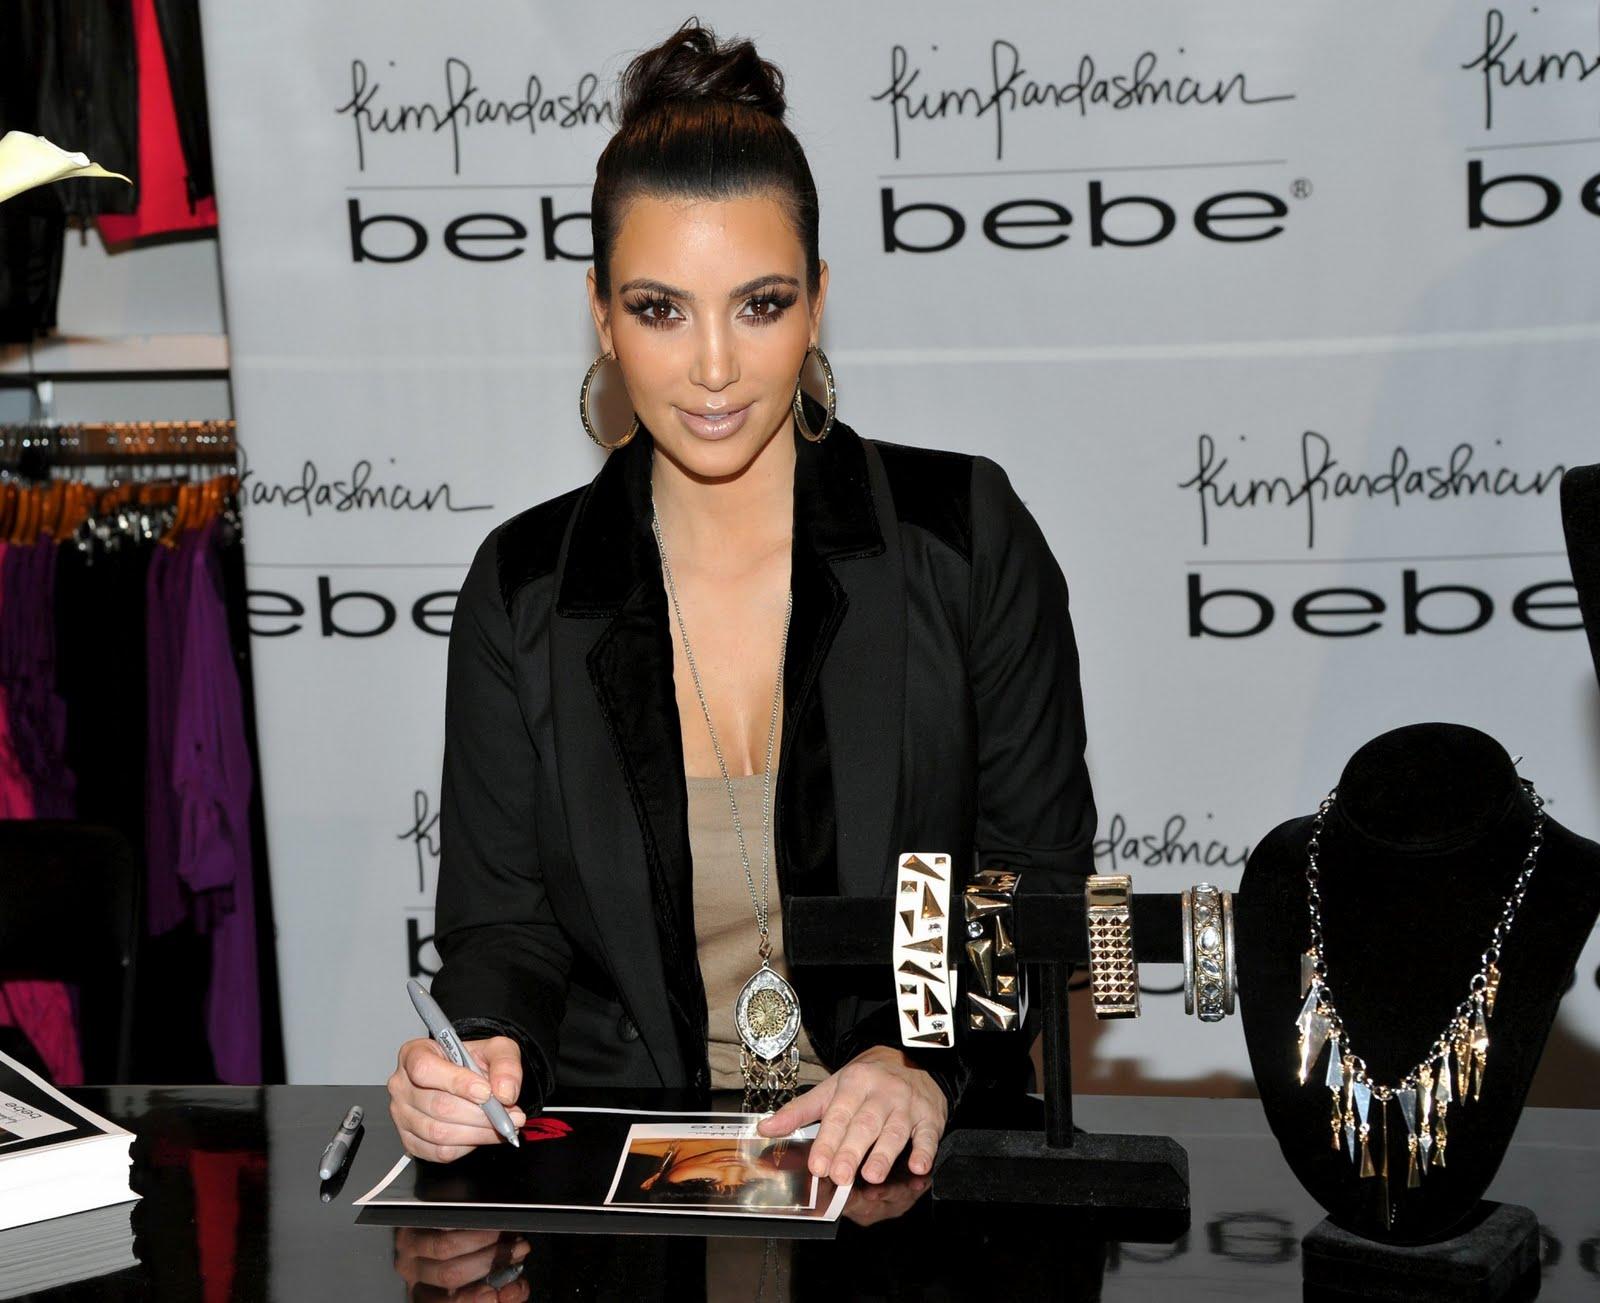 http://3.bp.blogspot.com/_Ca21XCsvg58/TP_eRY4UH5I/AAAAAAAACnU/ZDfvppCszT8/s1600/kim-kardashian-01.jpg